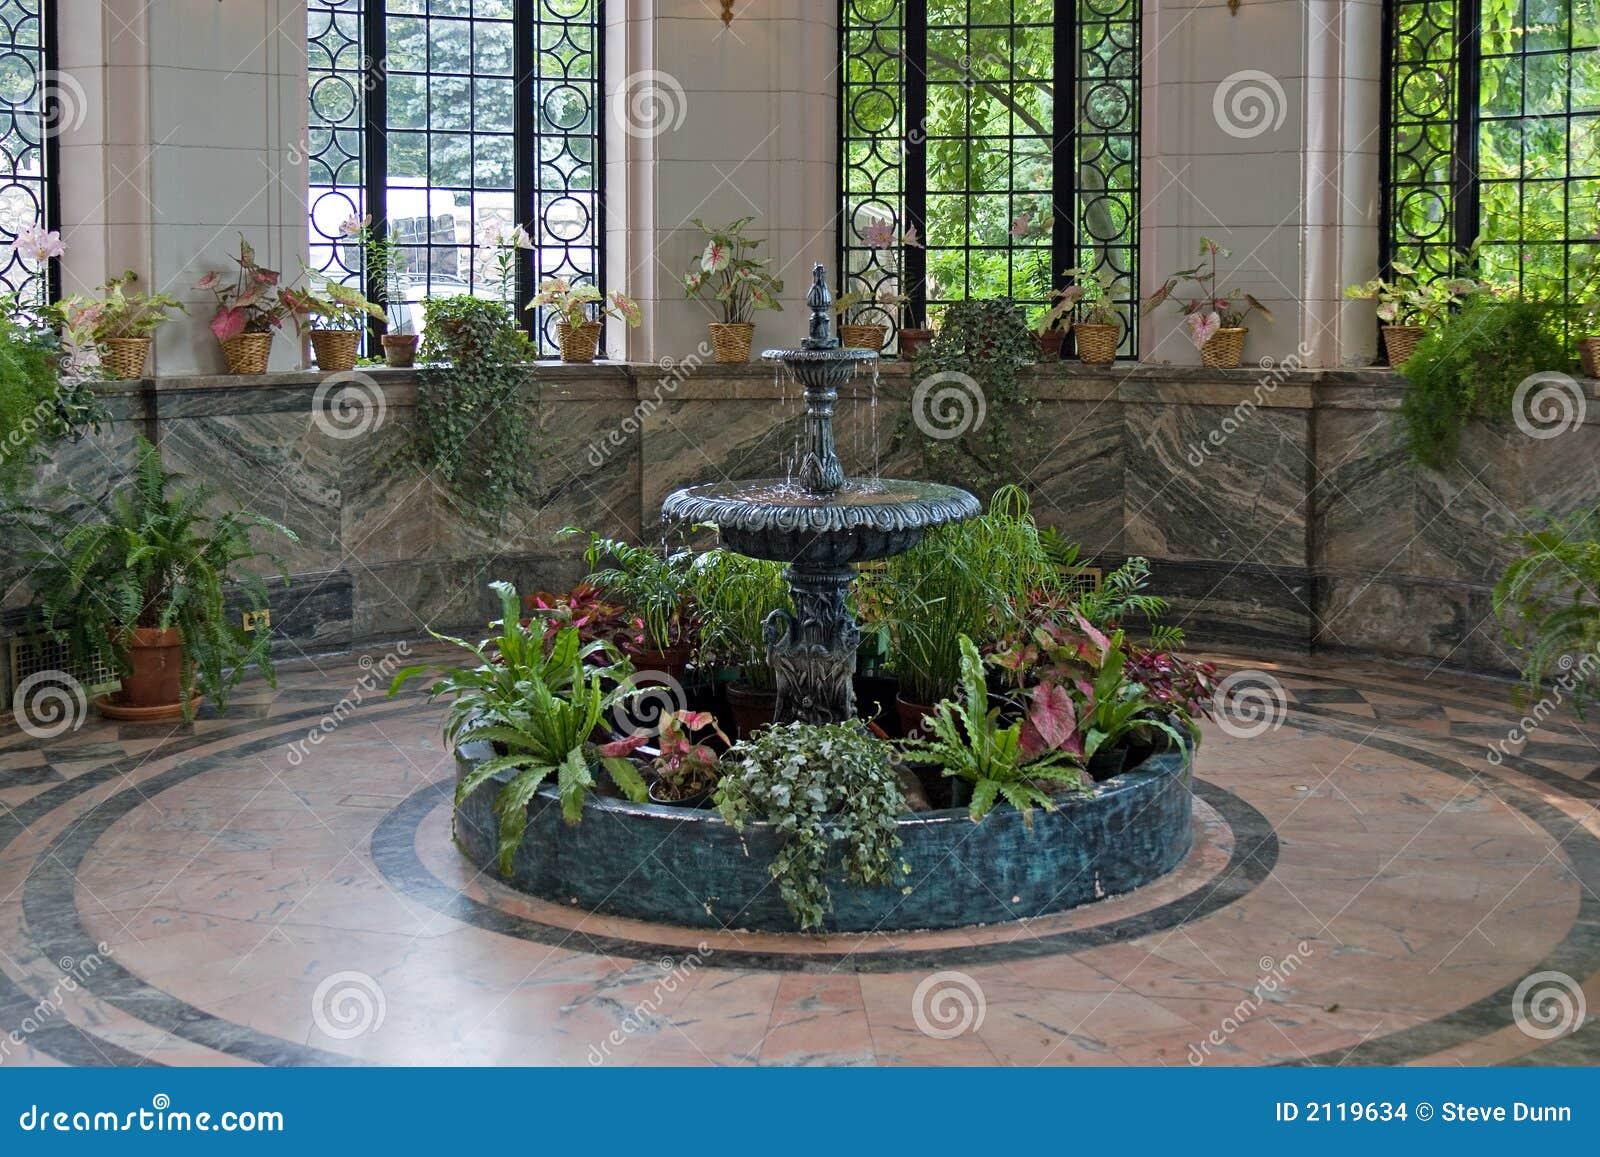 Indoor Fountain Stock Photo Image Of Green Indoor